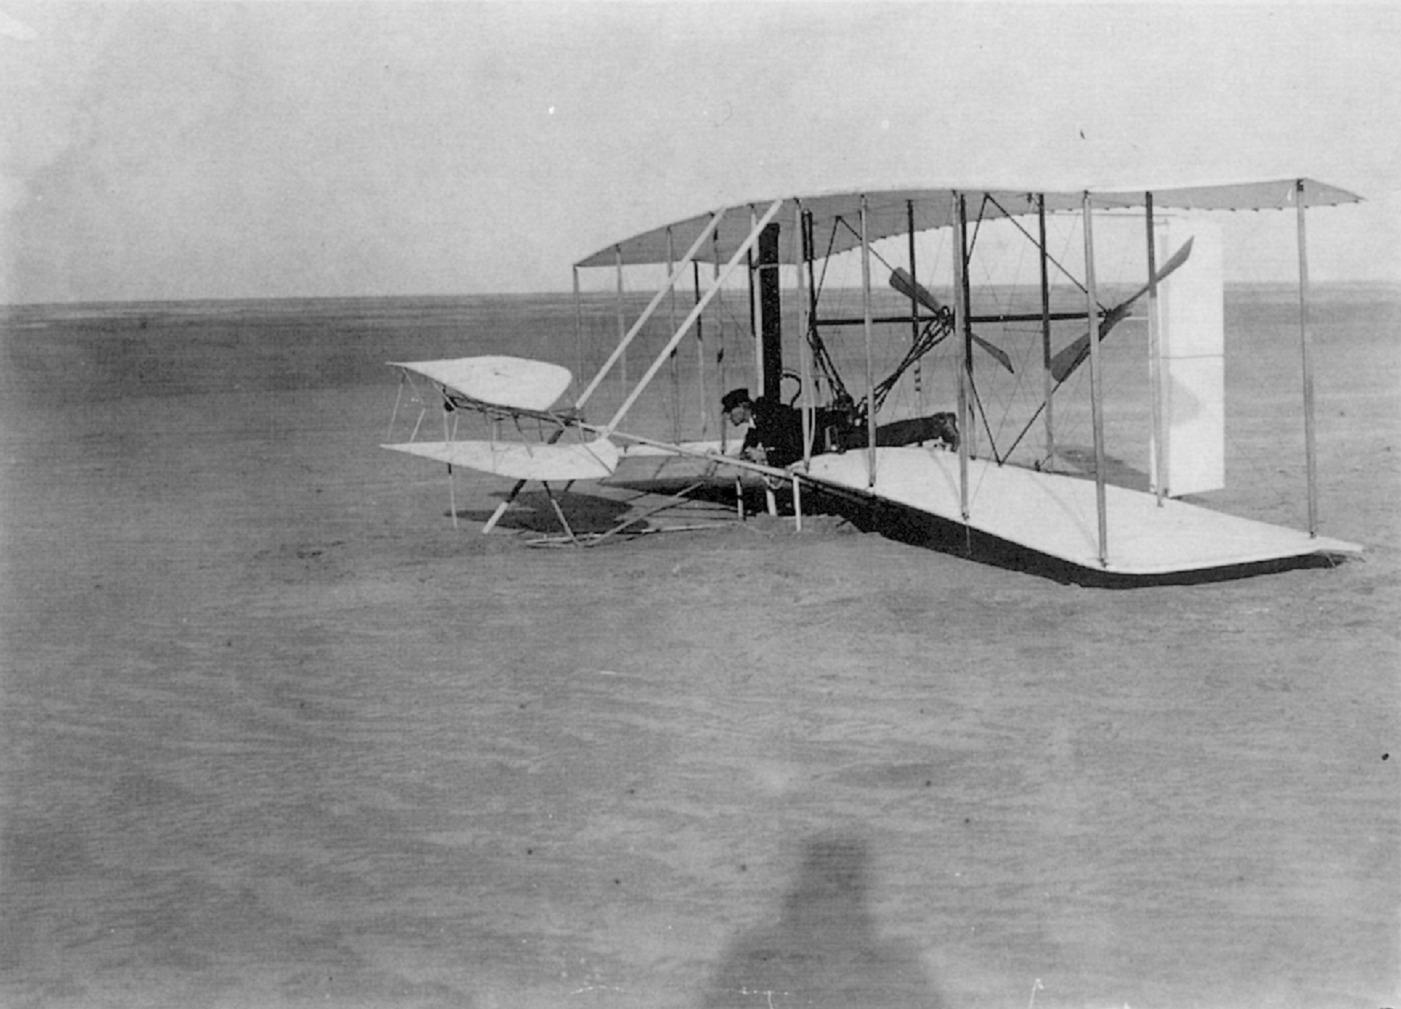 Flight of 1903 essay